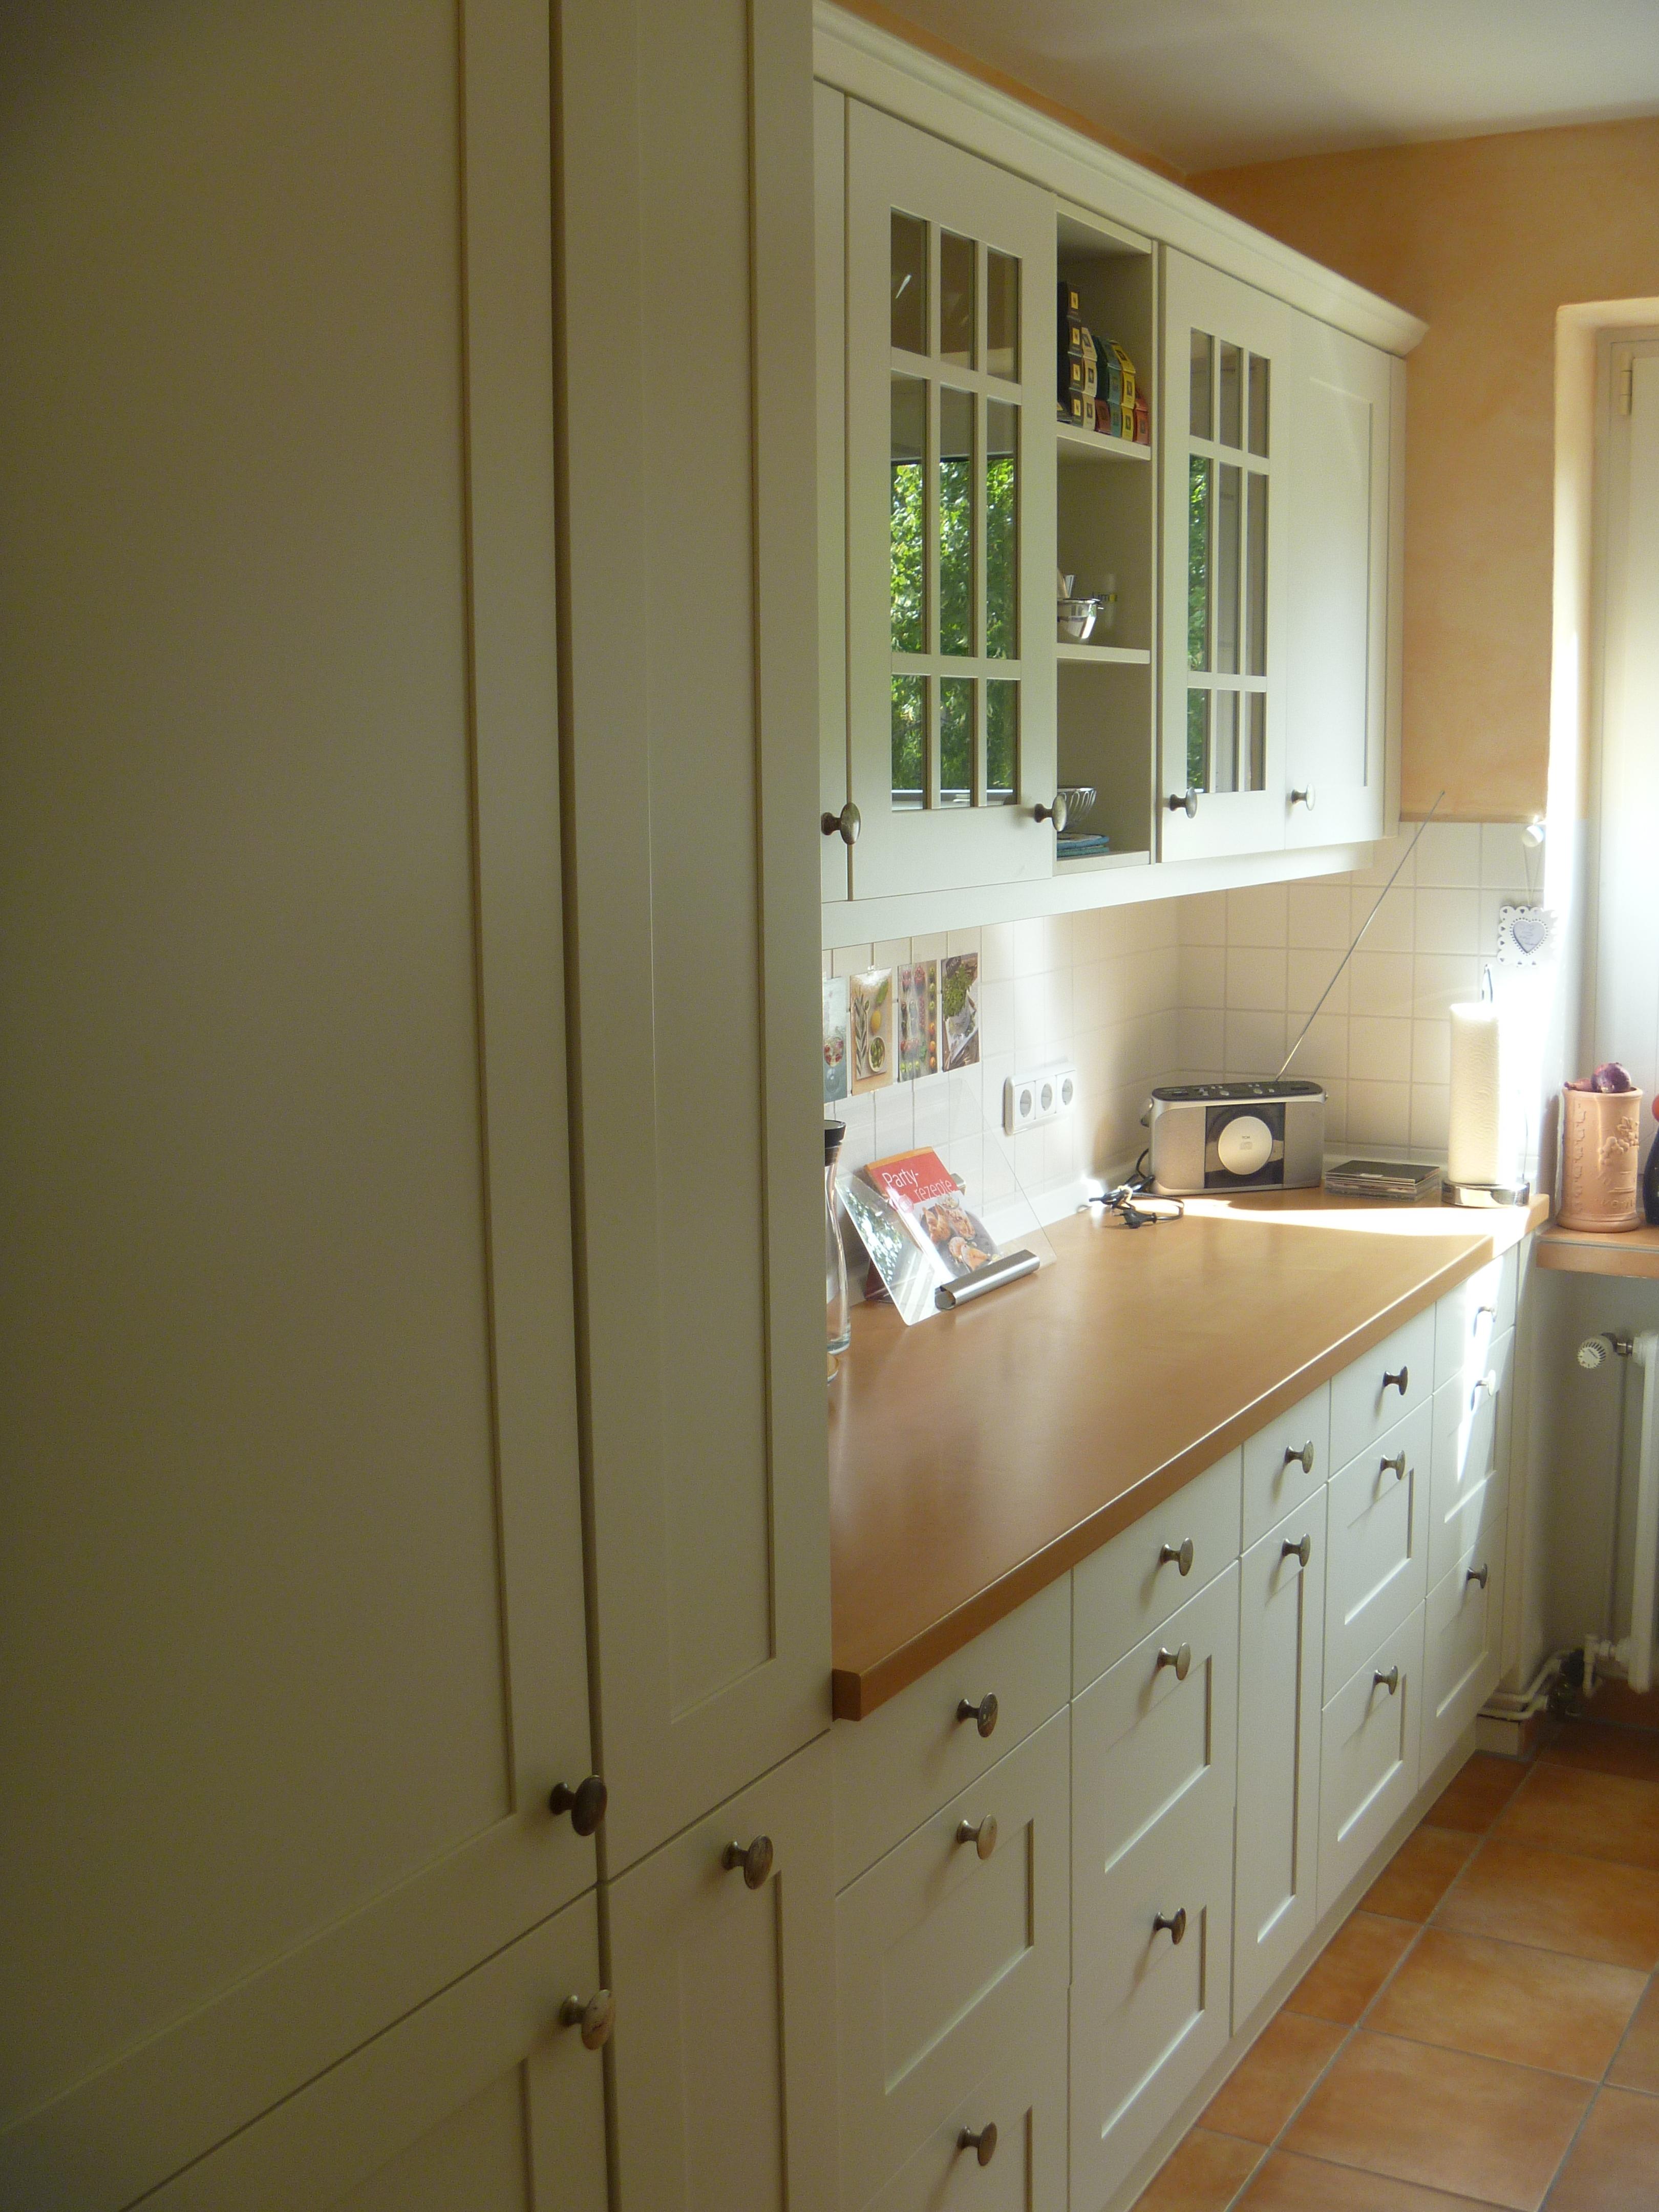 Kranzleiste Küche war tolle ideen für ihr haus design ideen